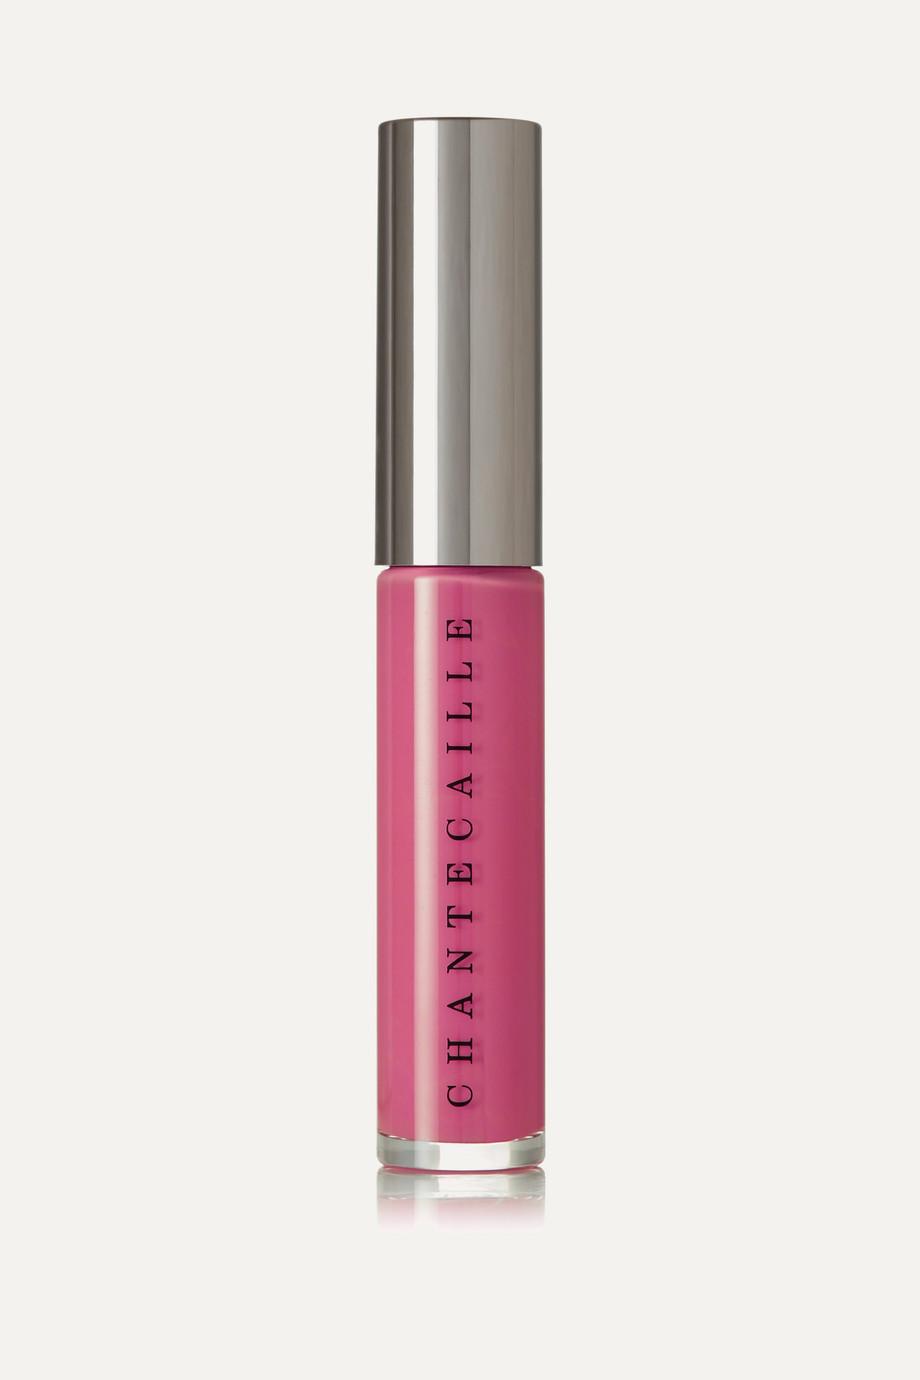 Chantecaille Matte Chic Liquid Lipstick - Dorian